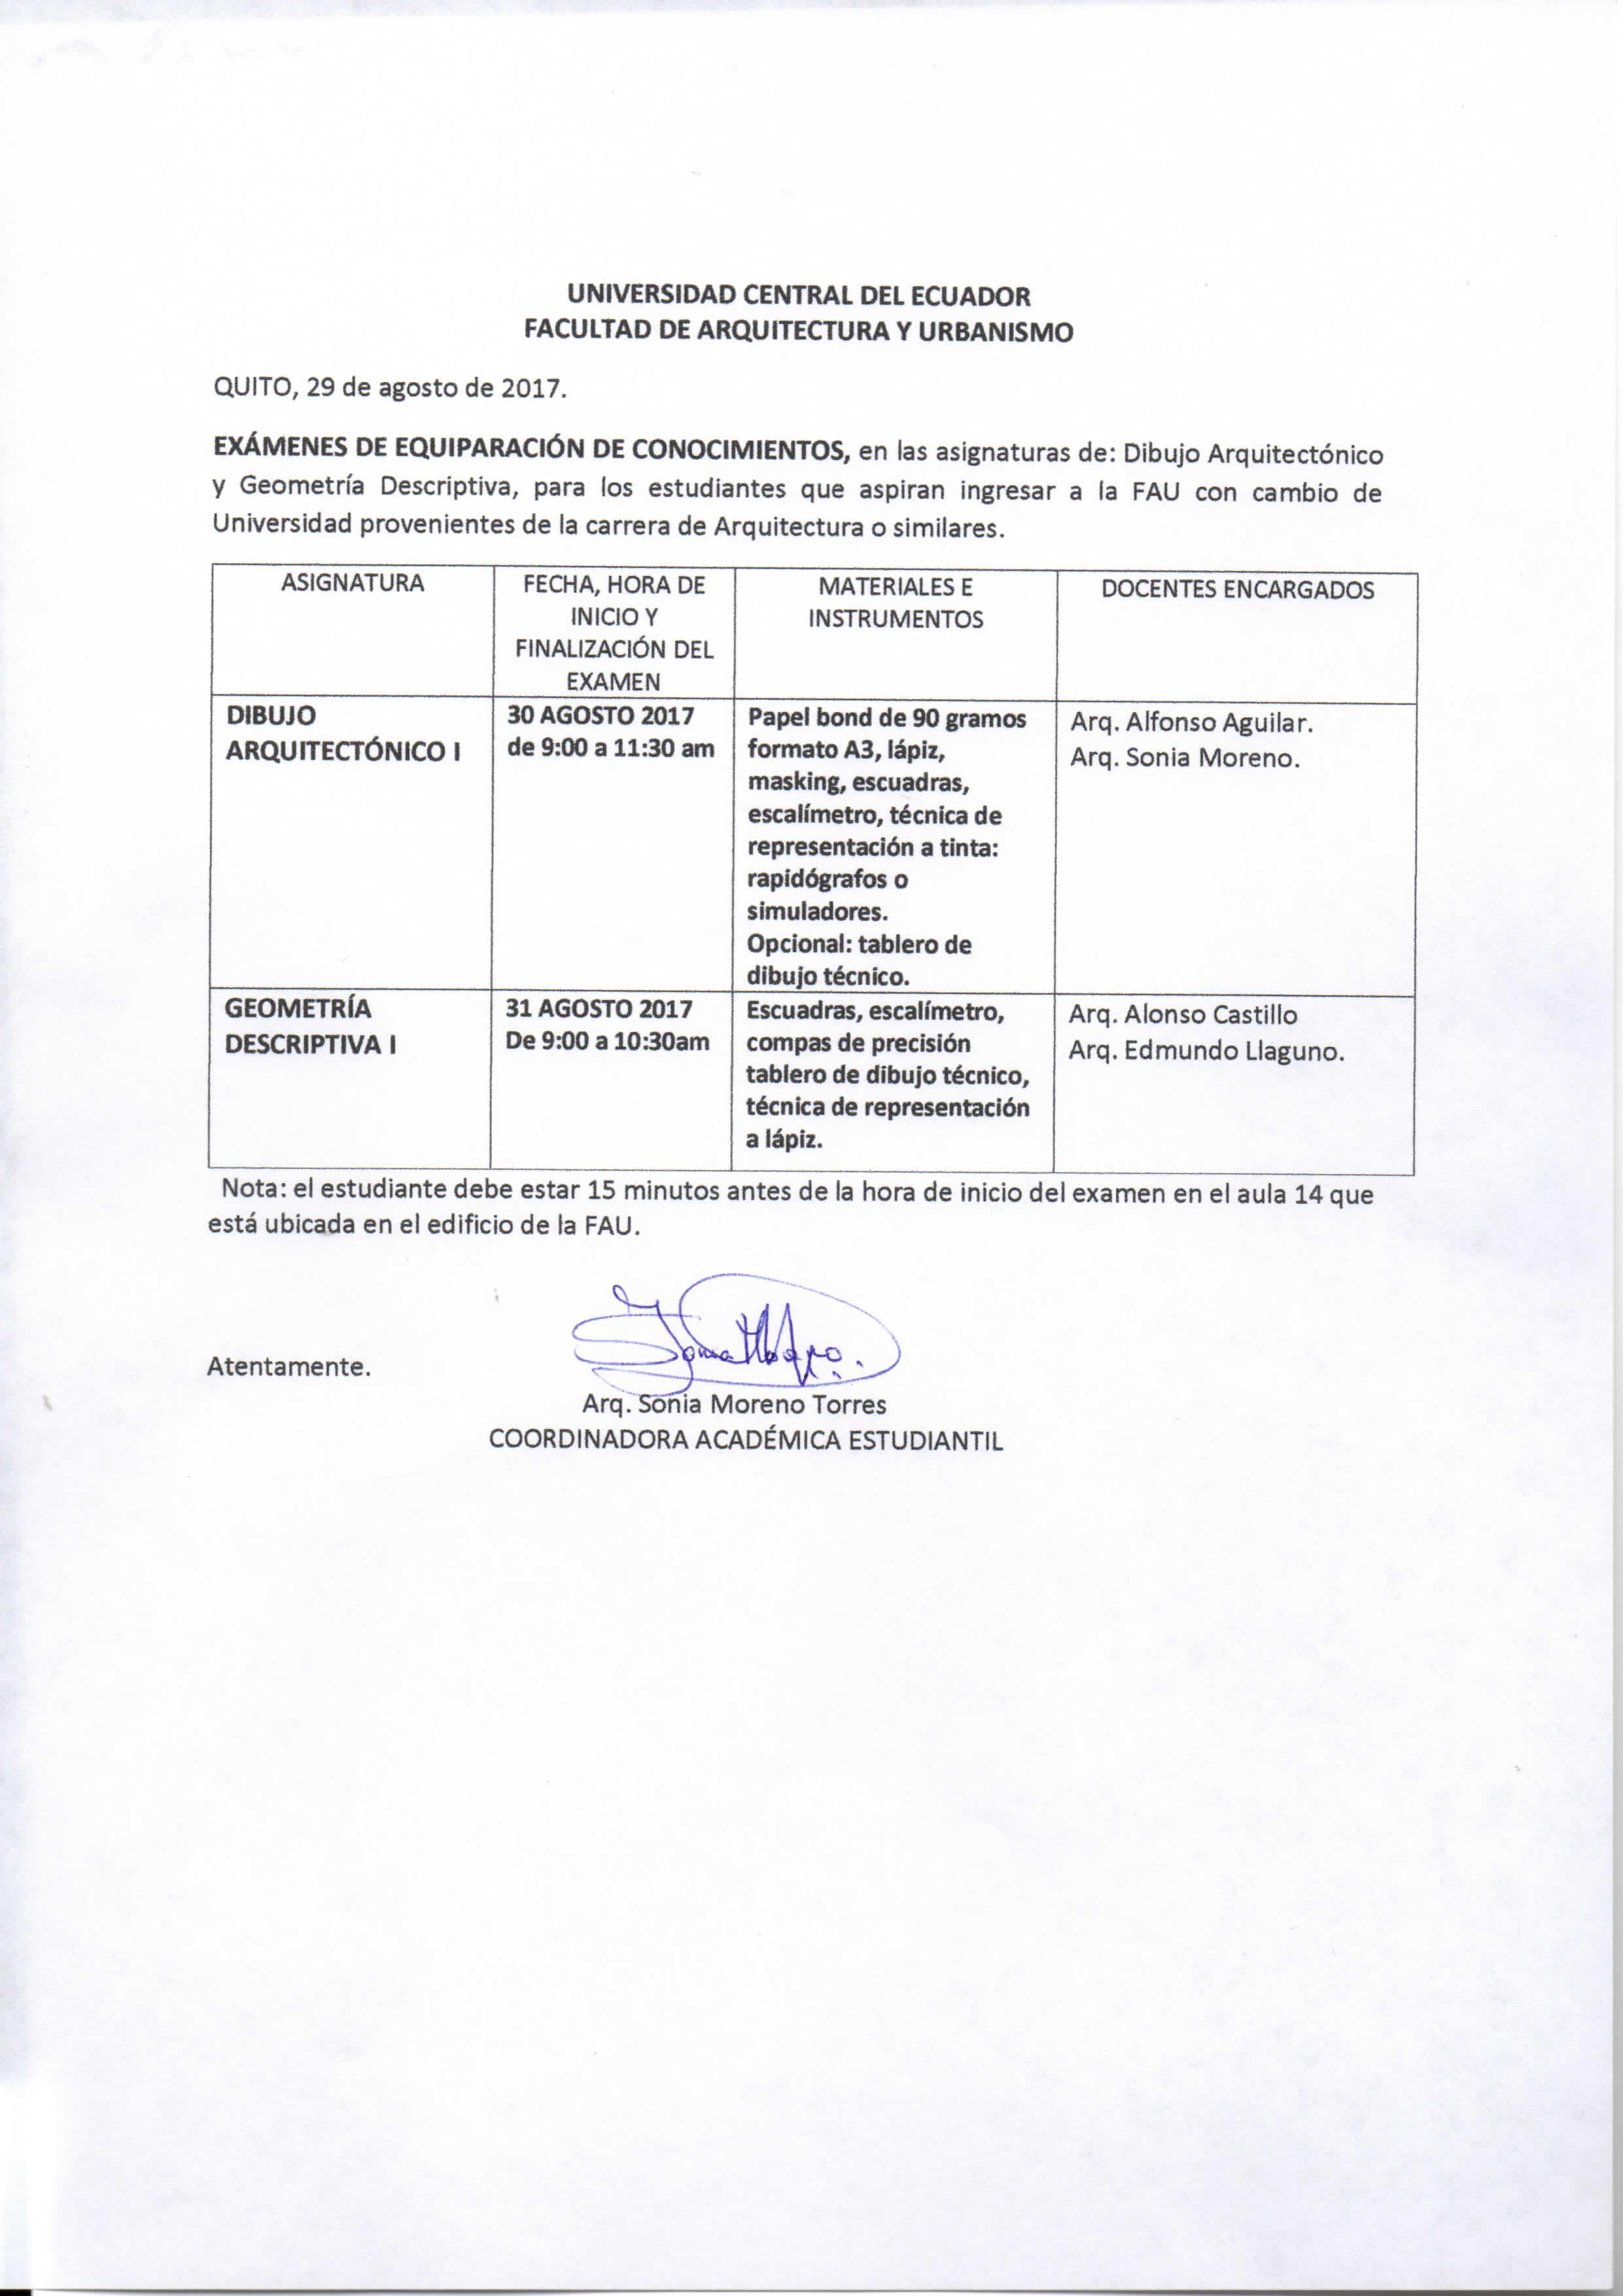 Examen_Equiparacion